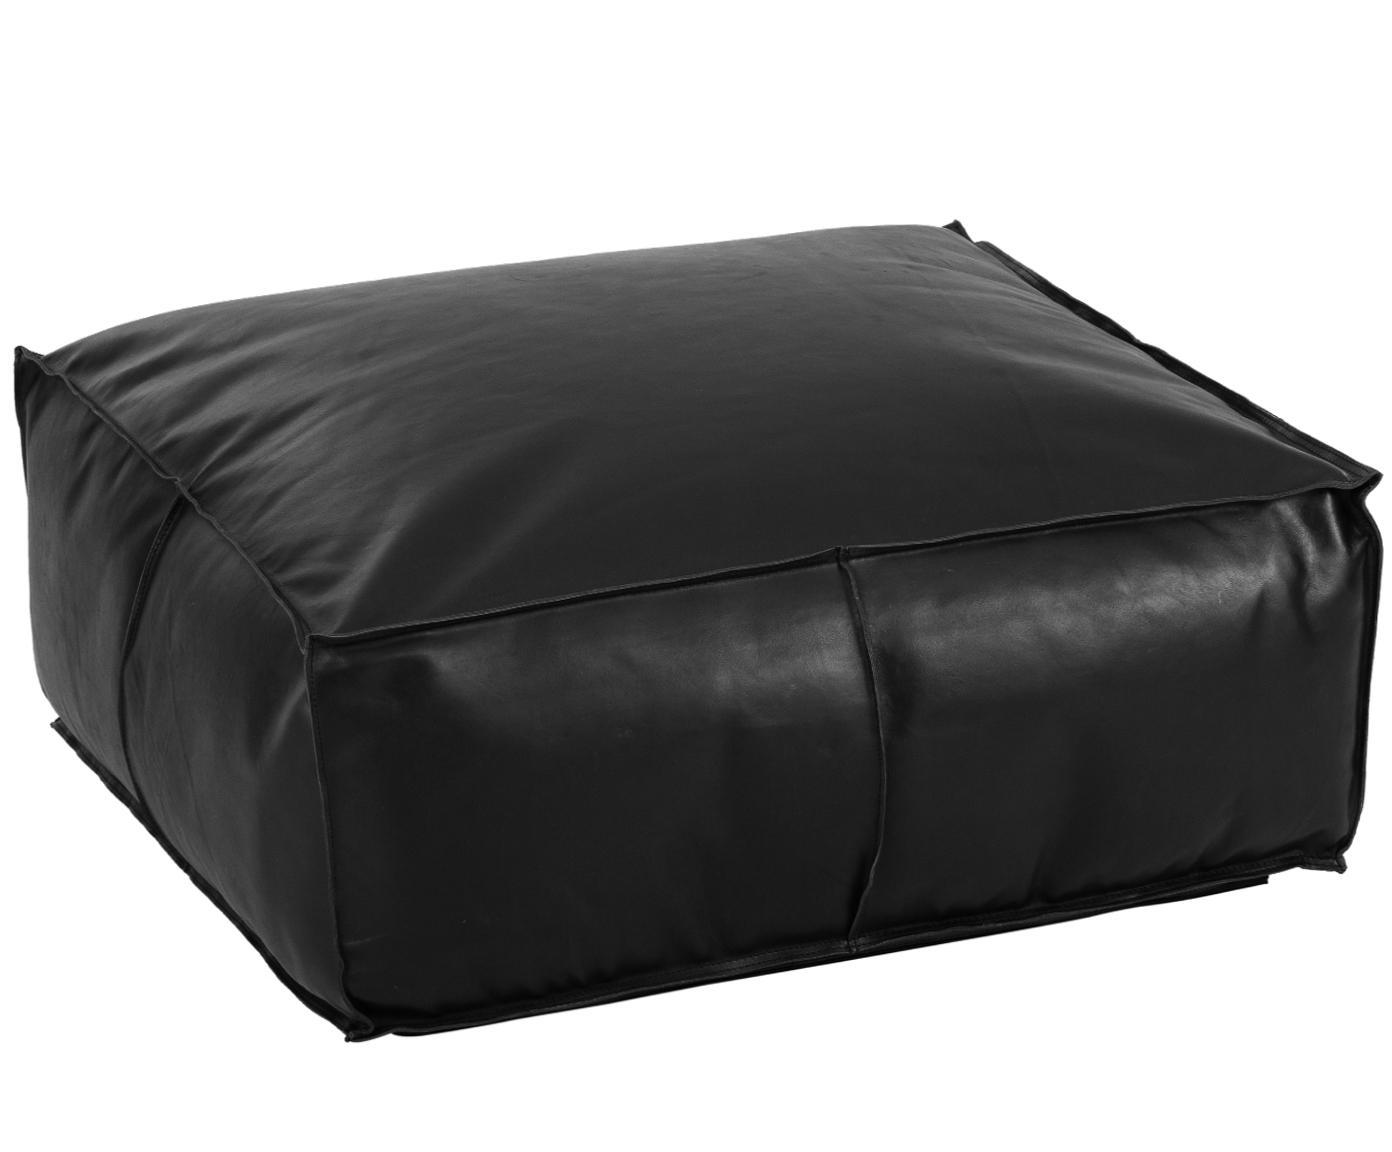 Cuscino da pavimento in pelle Arabica, Rivestimento: pelle, Nero, Larg. 70 x Alt. 30 cm